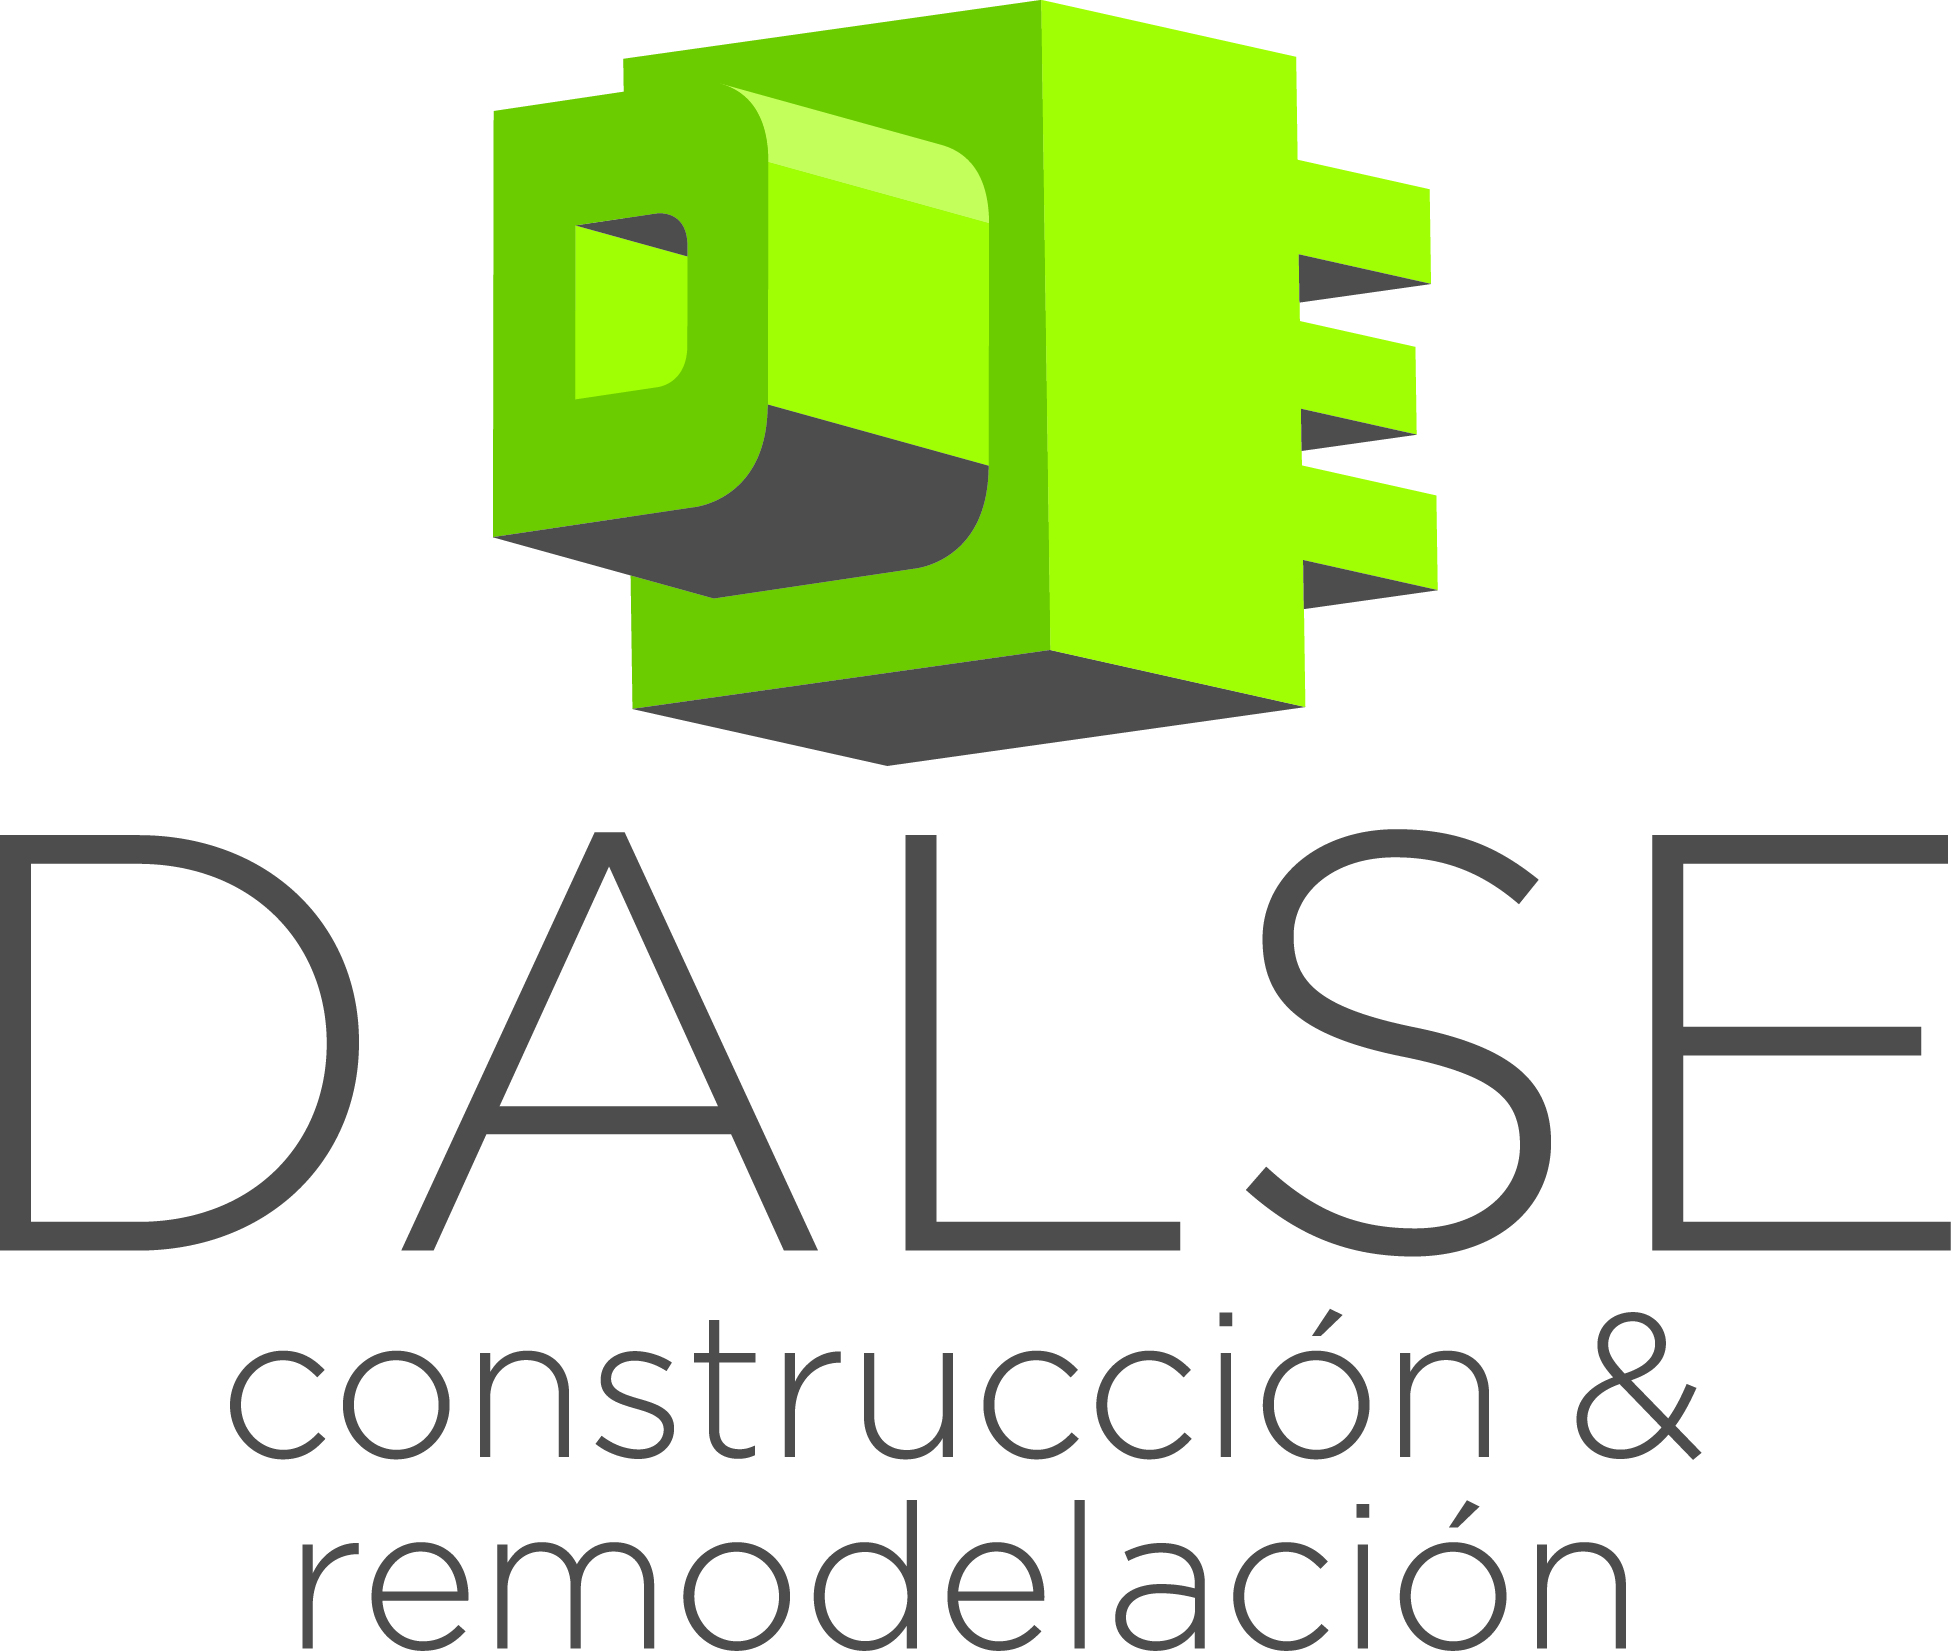 Dalse Construcción & Remodelación